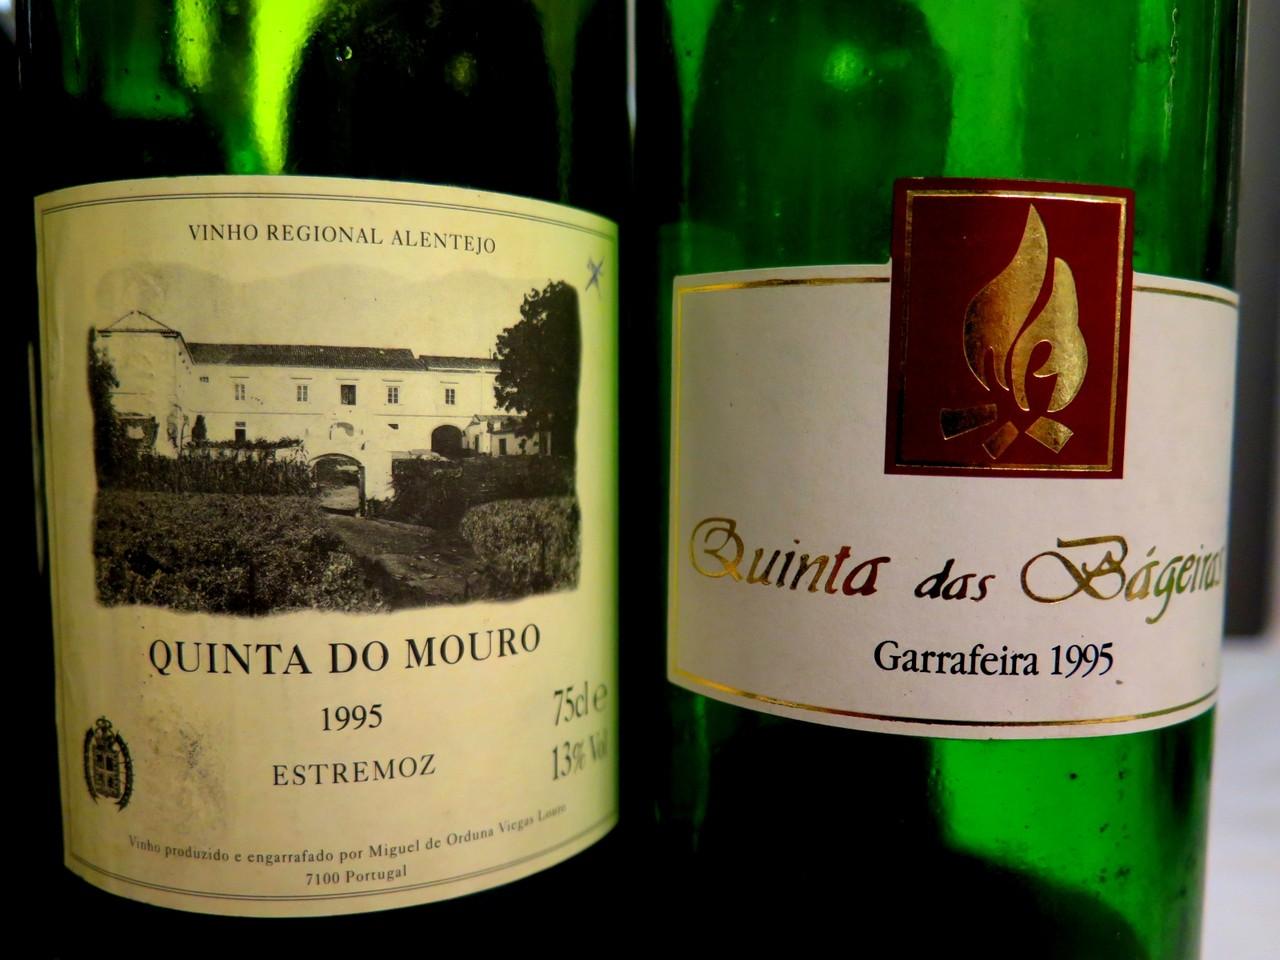 Quinta do Mouro tinto 1995 / Quinta das Bágeiras Garrafeira tinto 1995